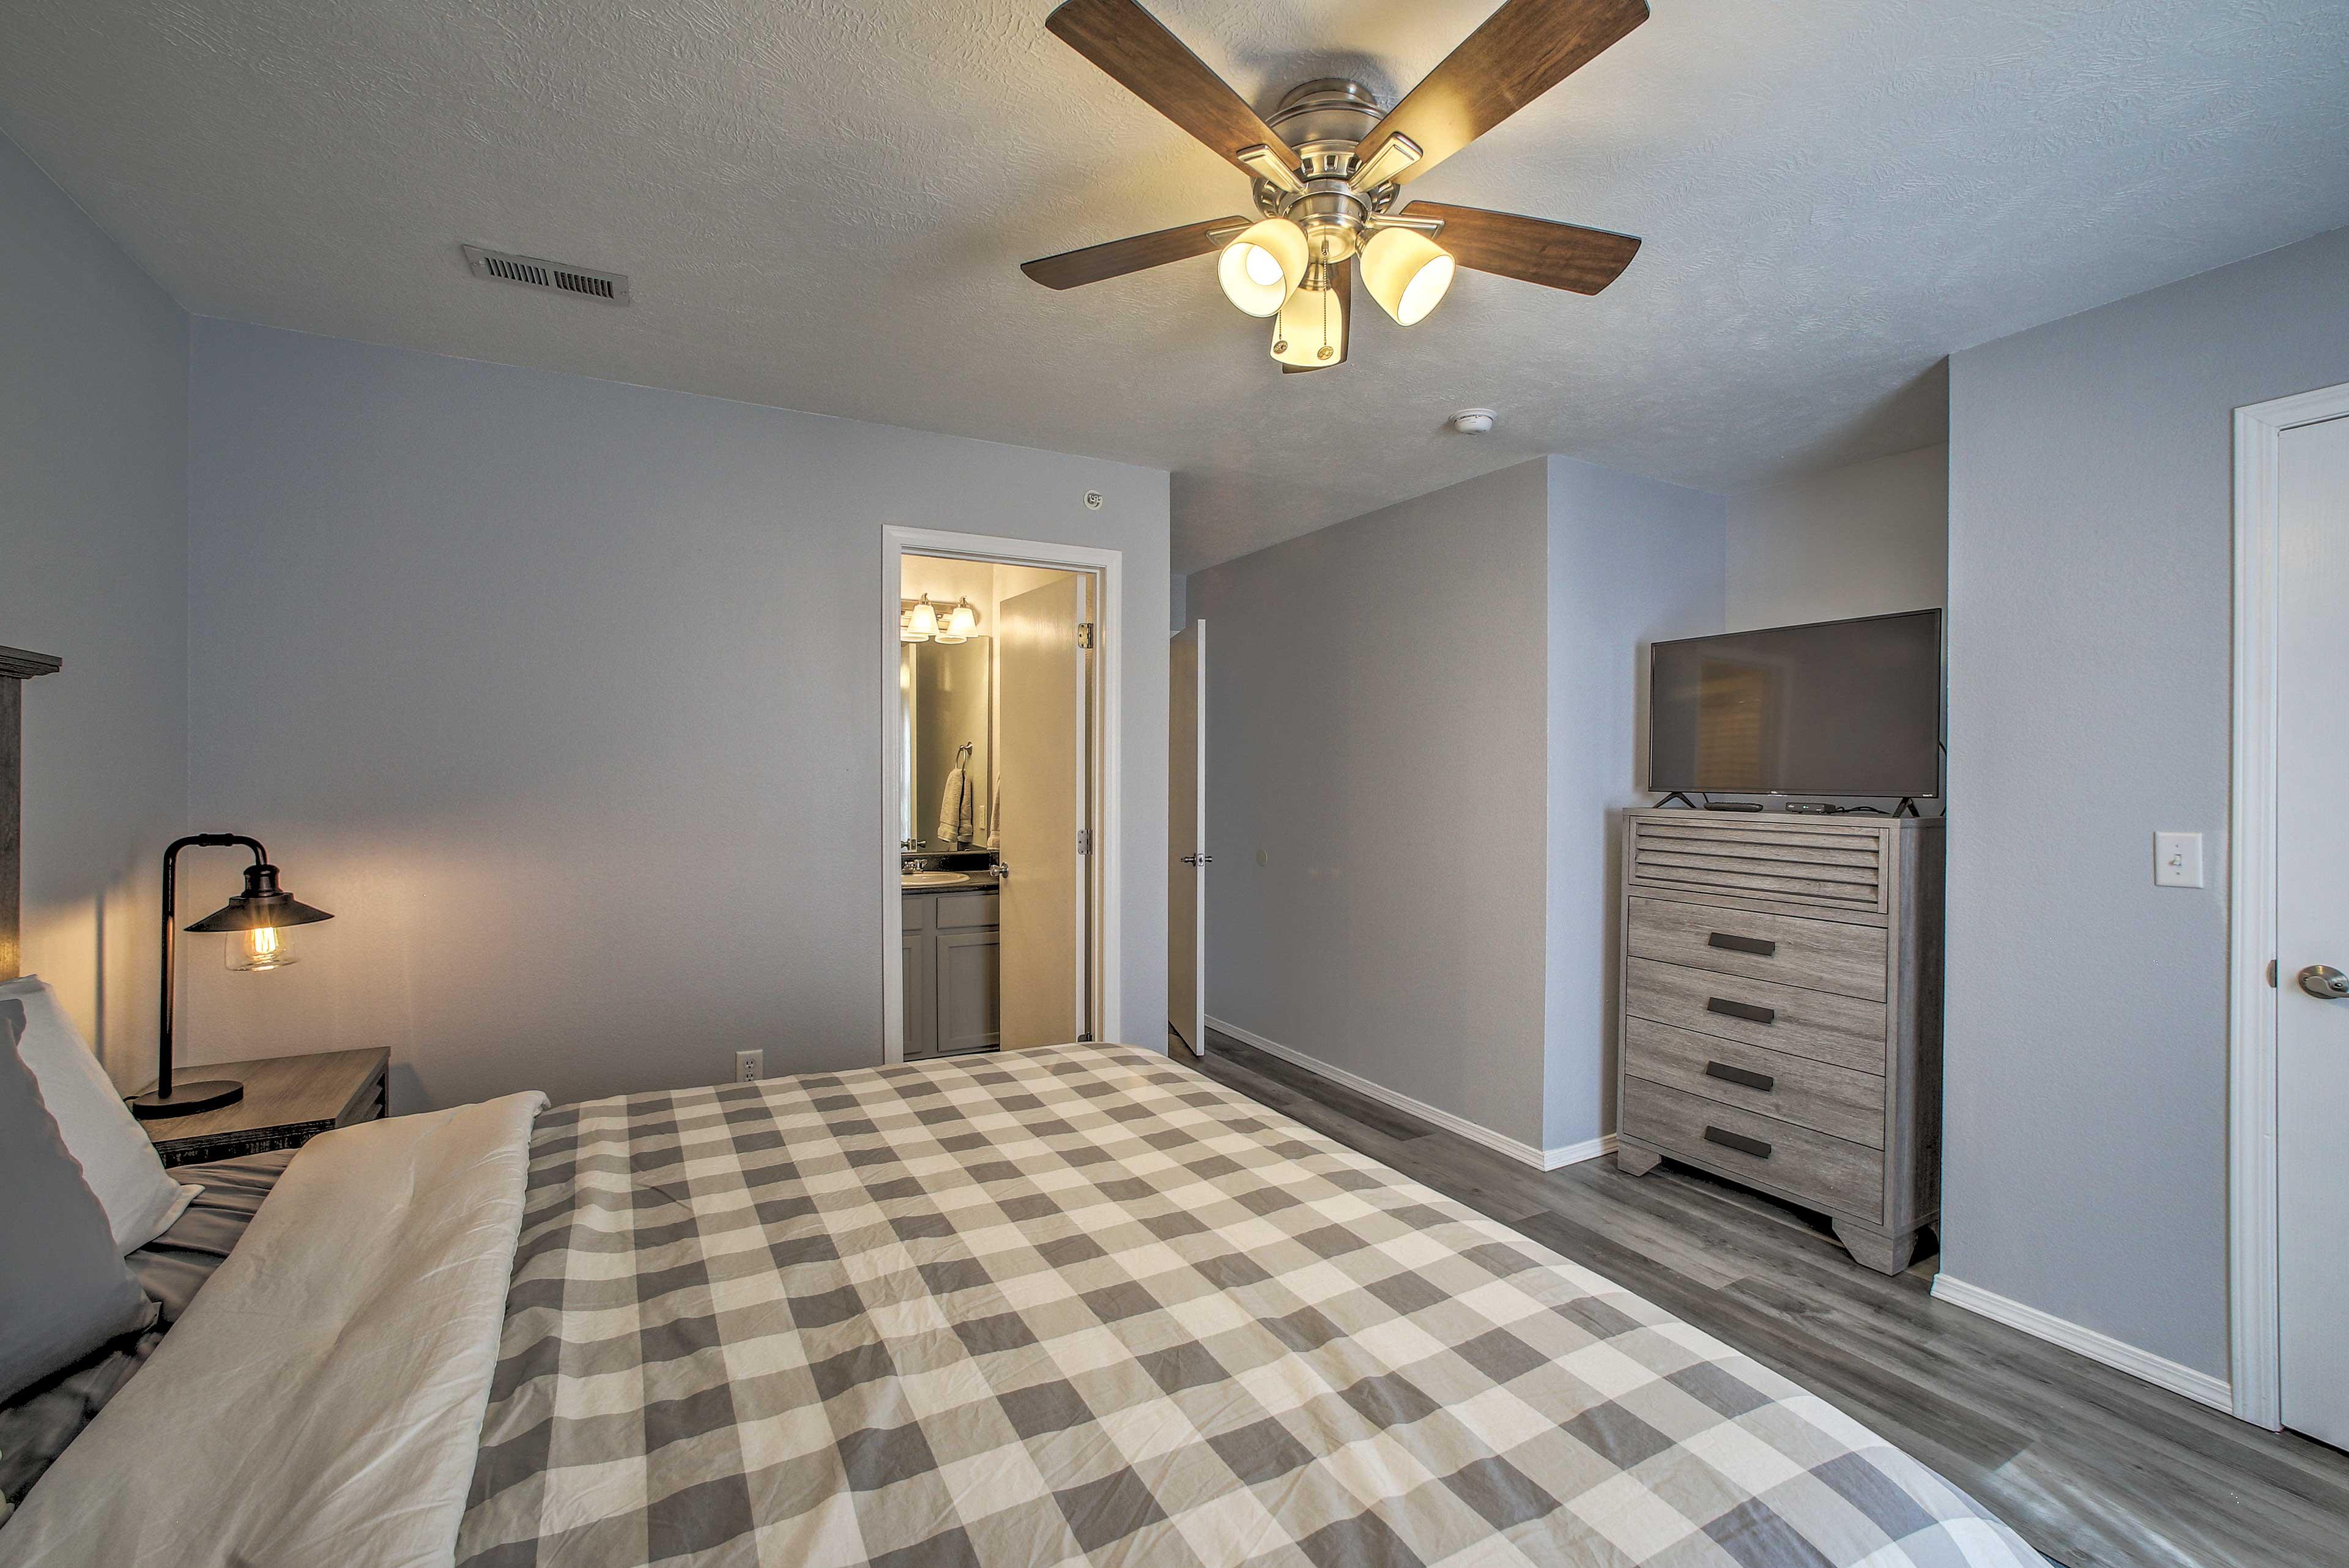 All 3 bedrooms include flat-screen Smart TVs.